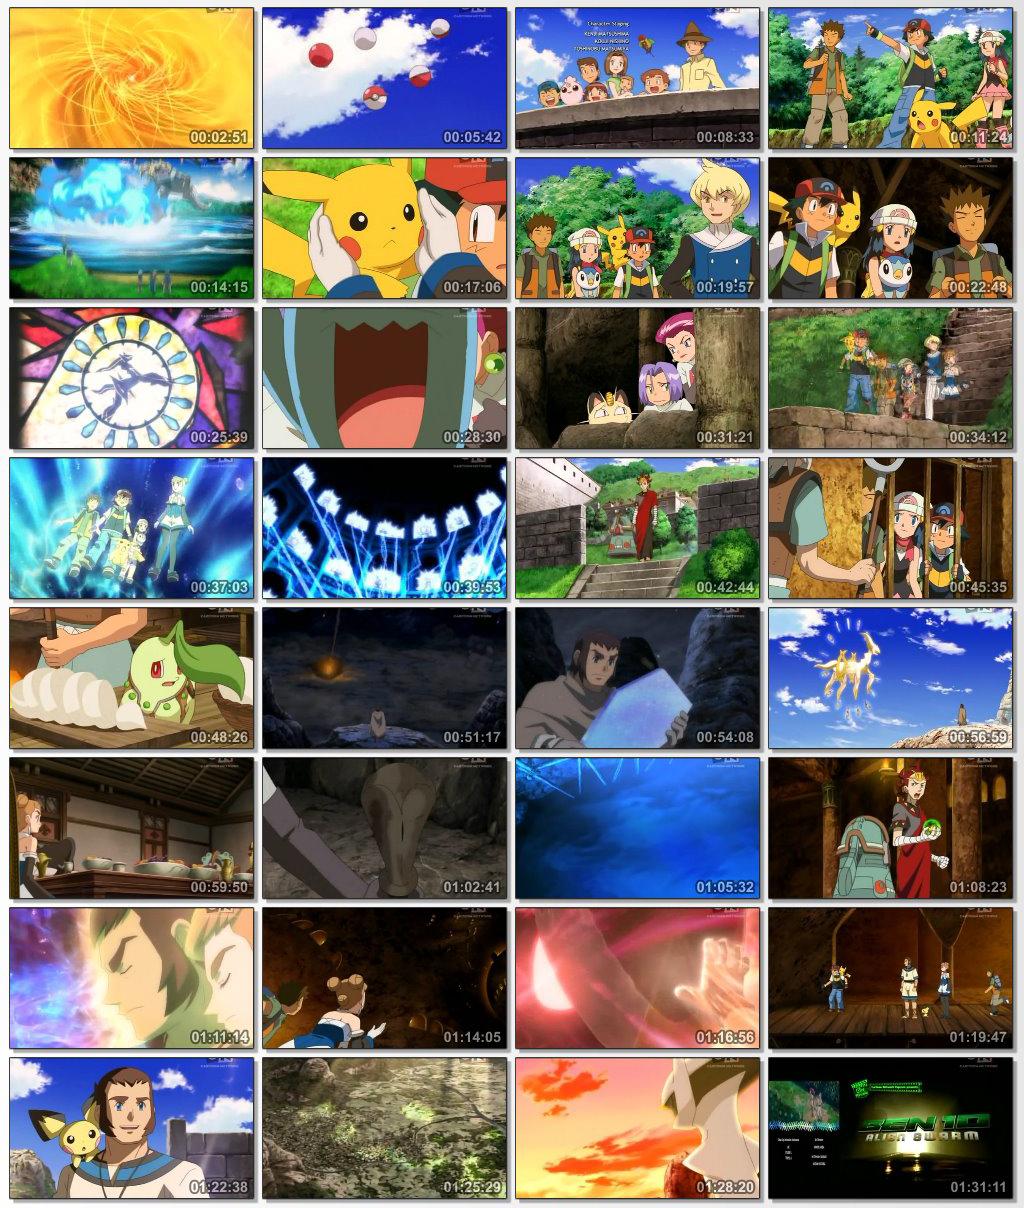 دانلود انیمیشن کارتونی Pokemon Arceus and the Jewel of Life 2009